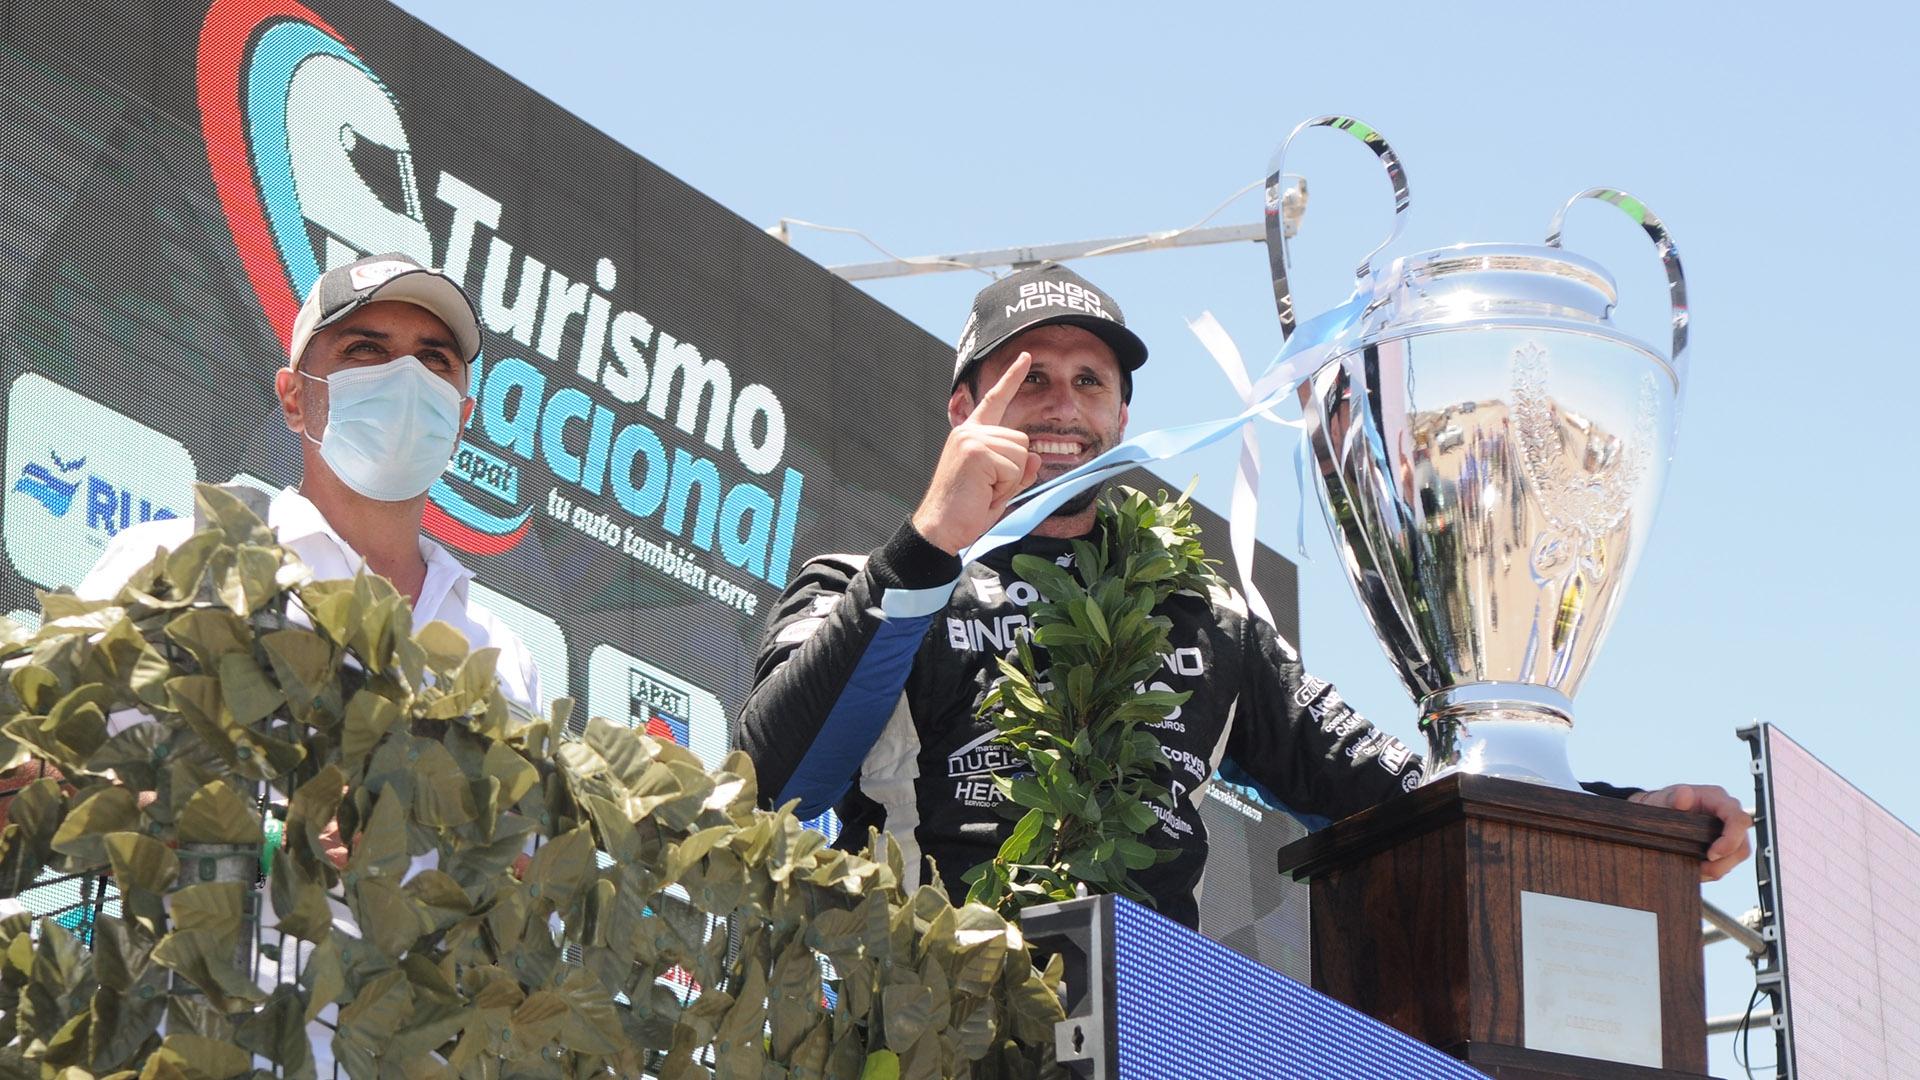 Nicolás Posco repite su condición de Campeón Argentino